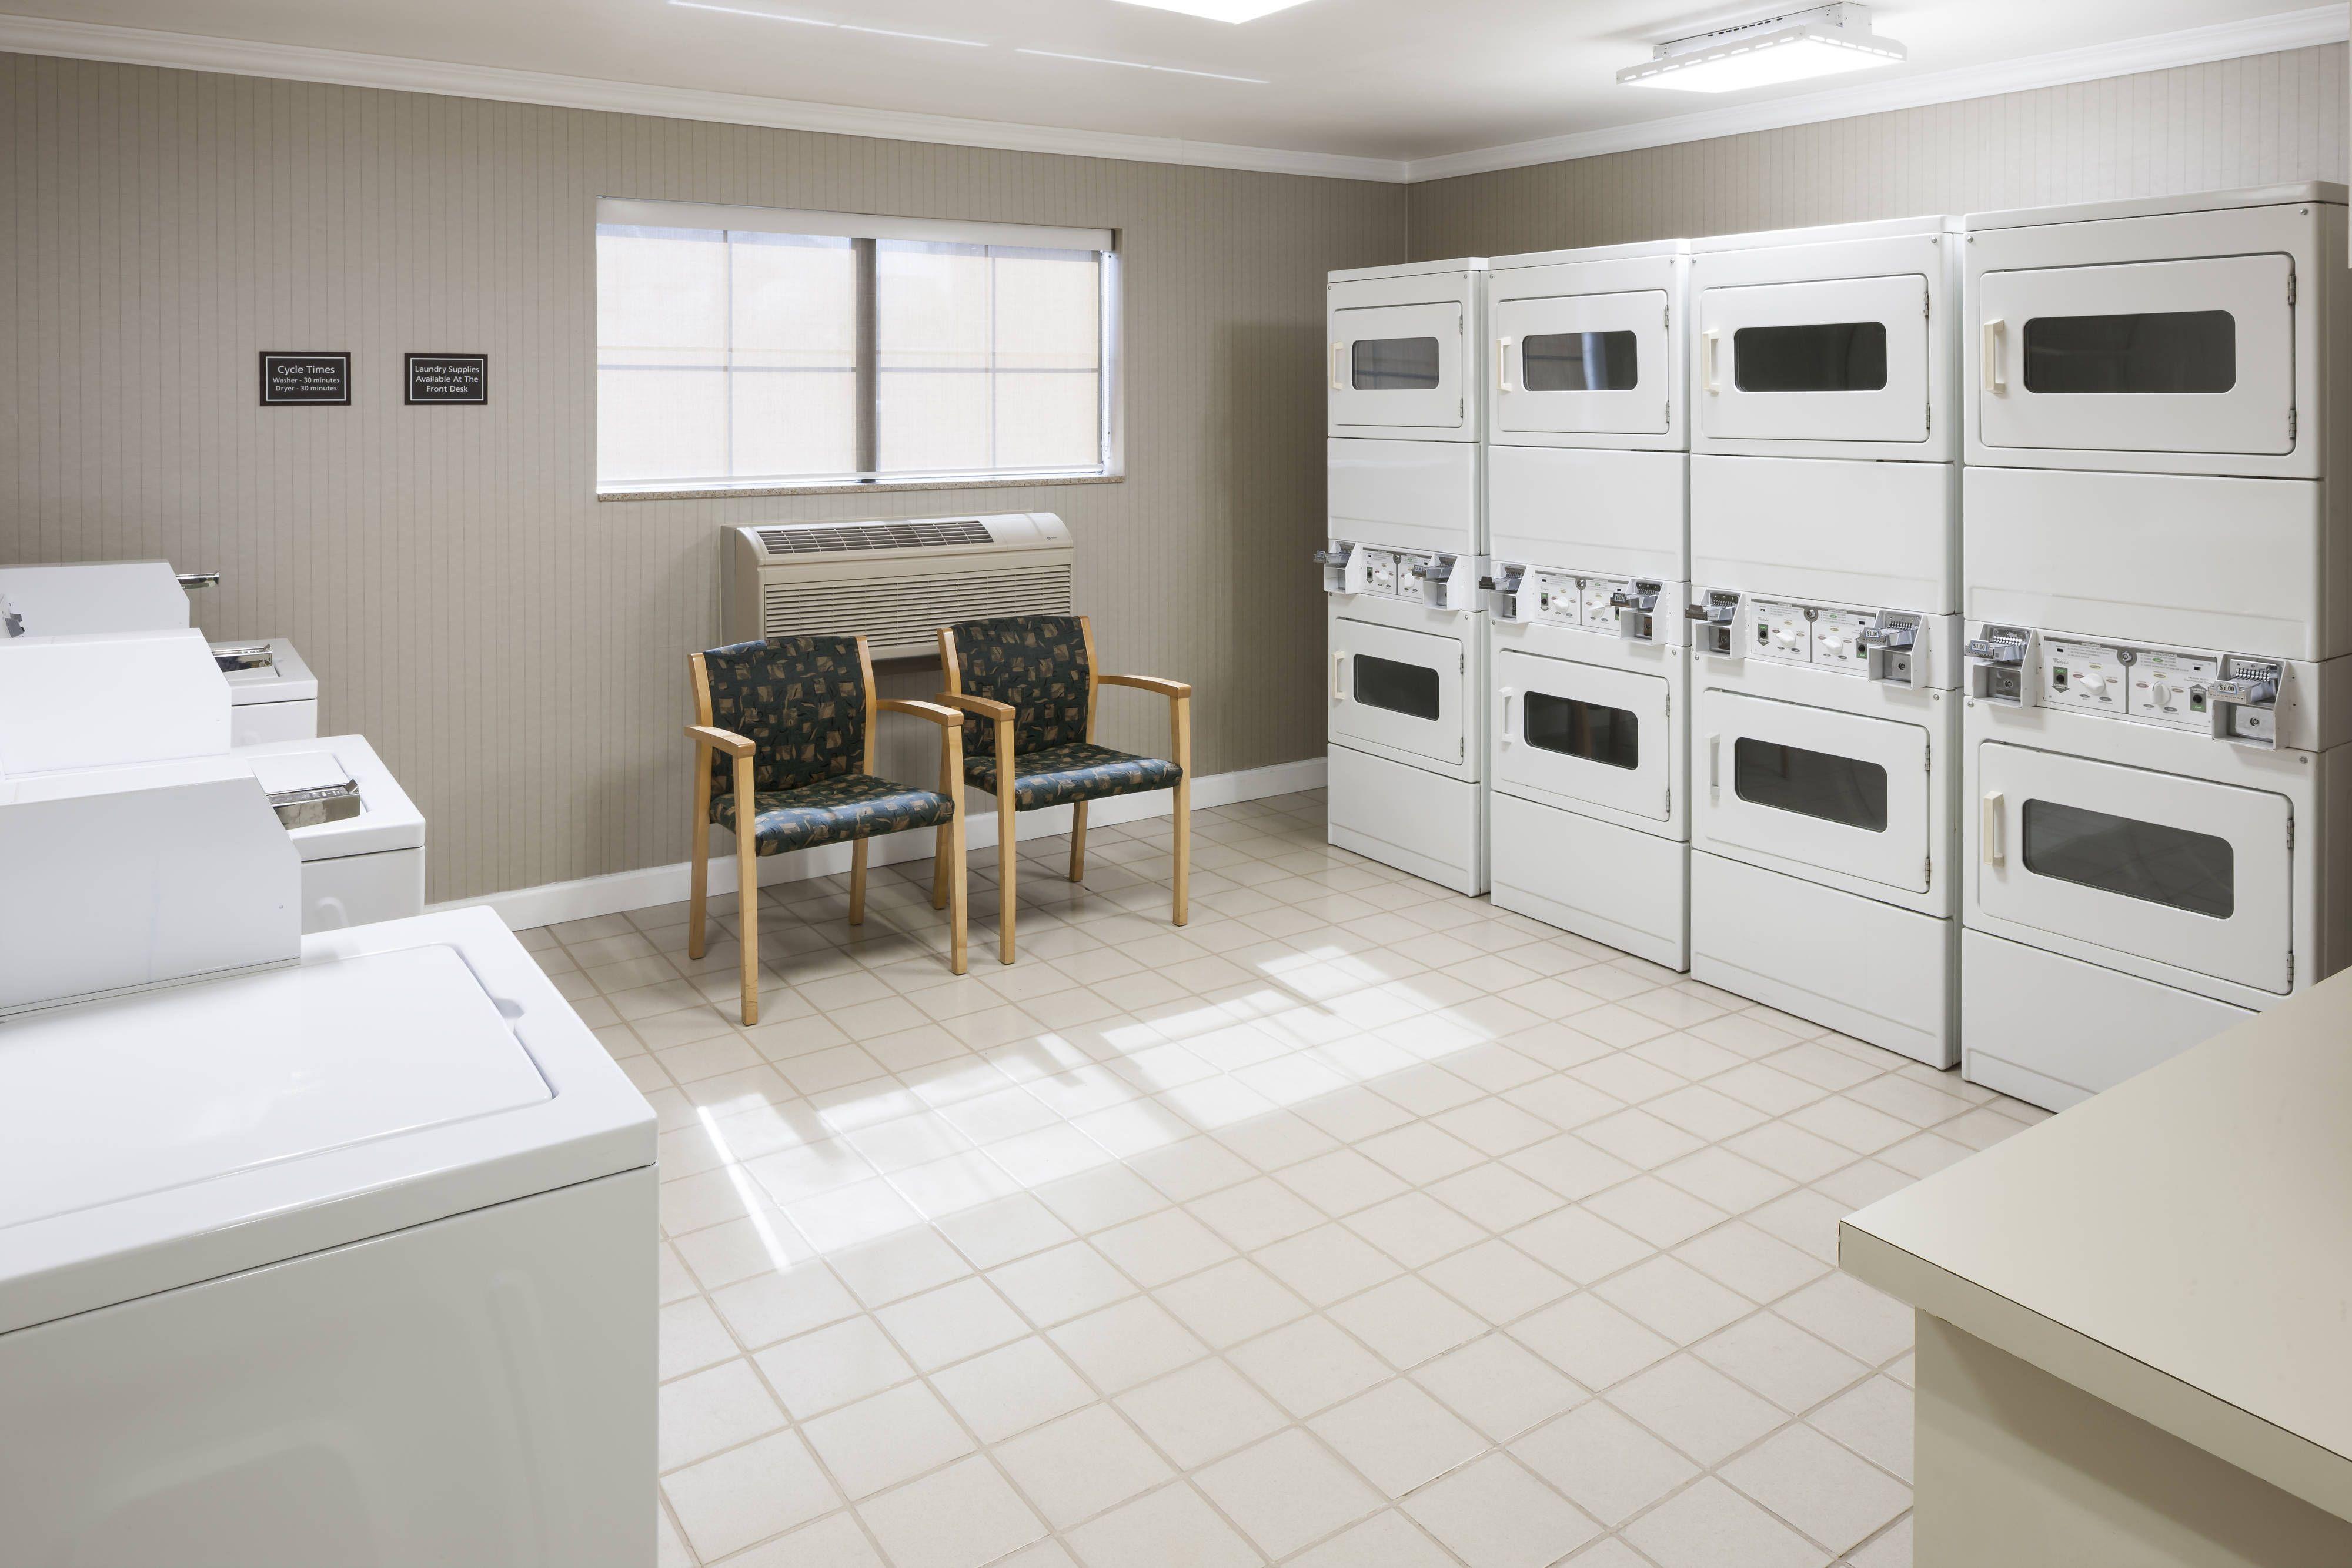 Residence Inn Kansas City Overland Park Guest Laundry Travel Comfortable Holiday Residences Overland Park Inn